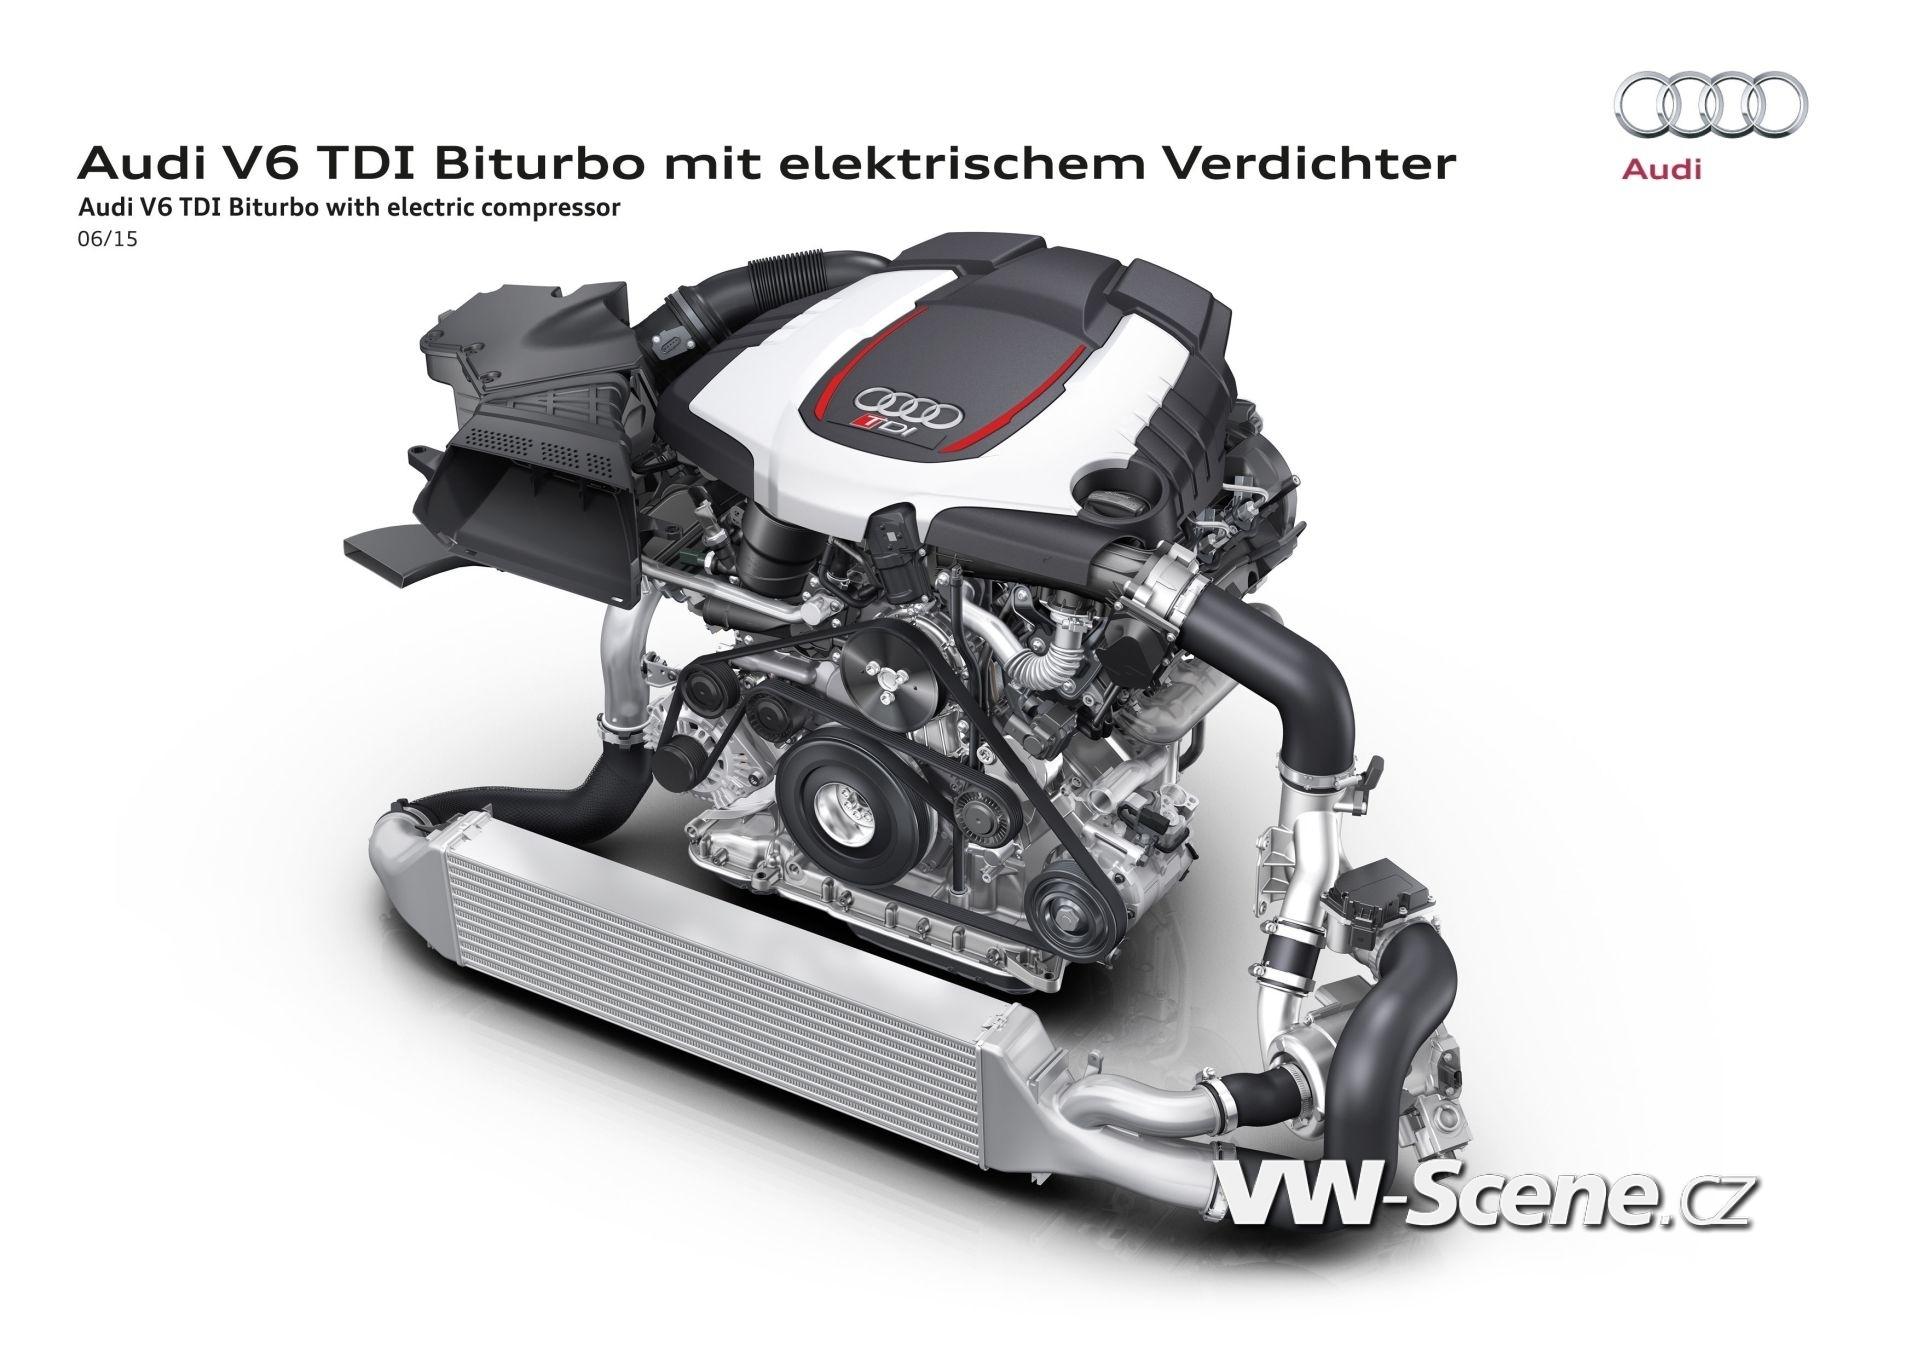 Audi RS 5 TDI 04